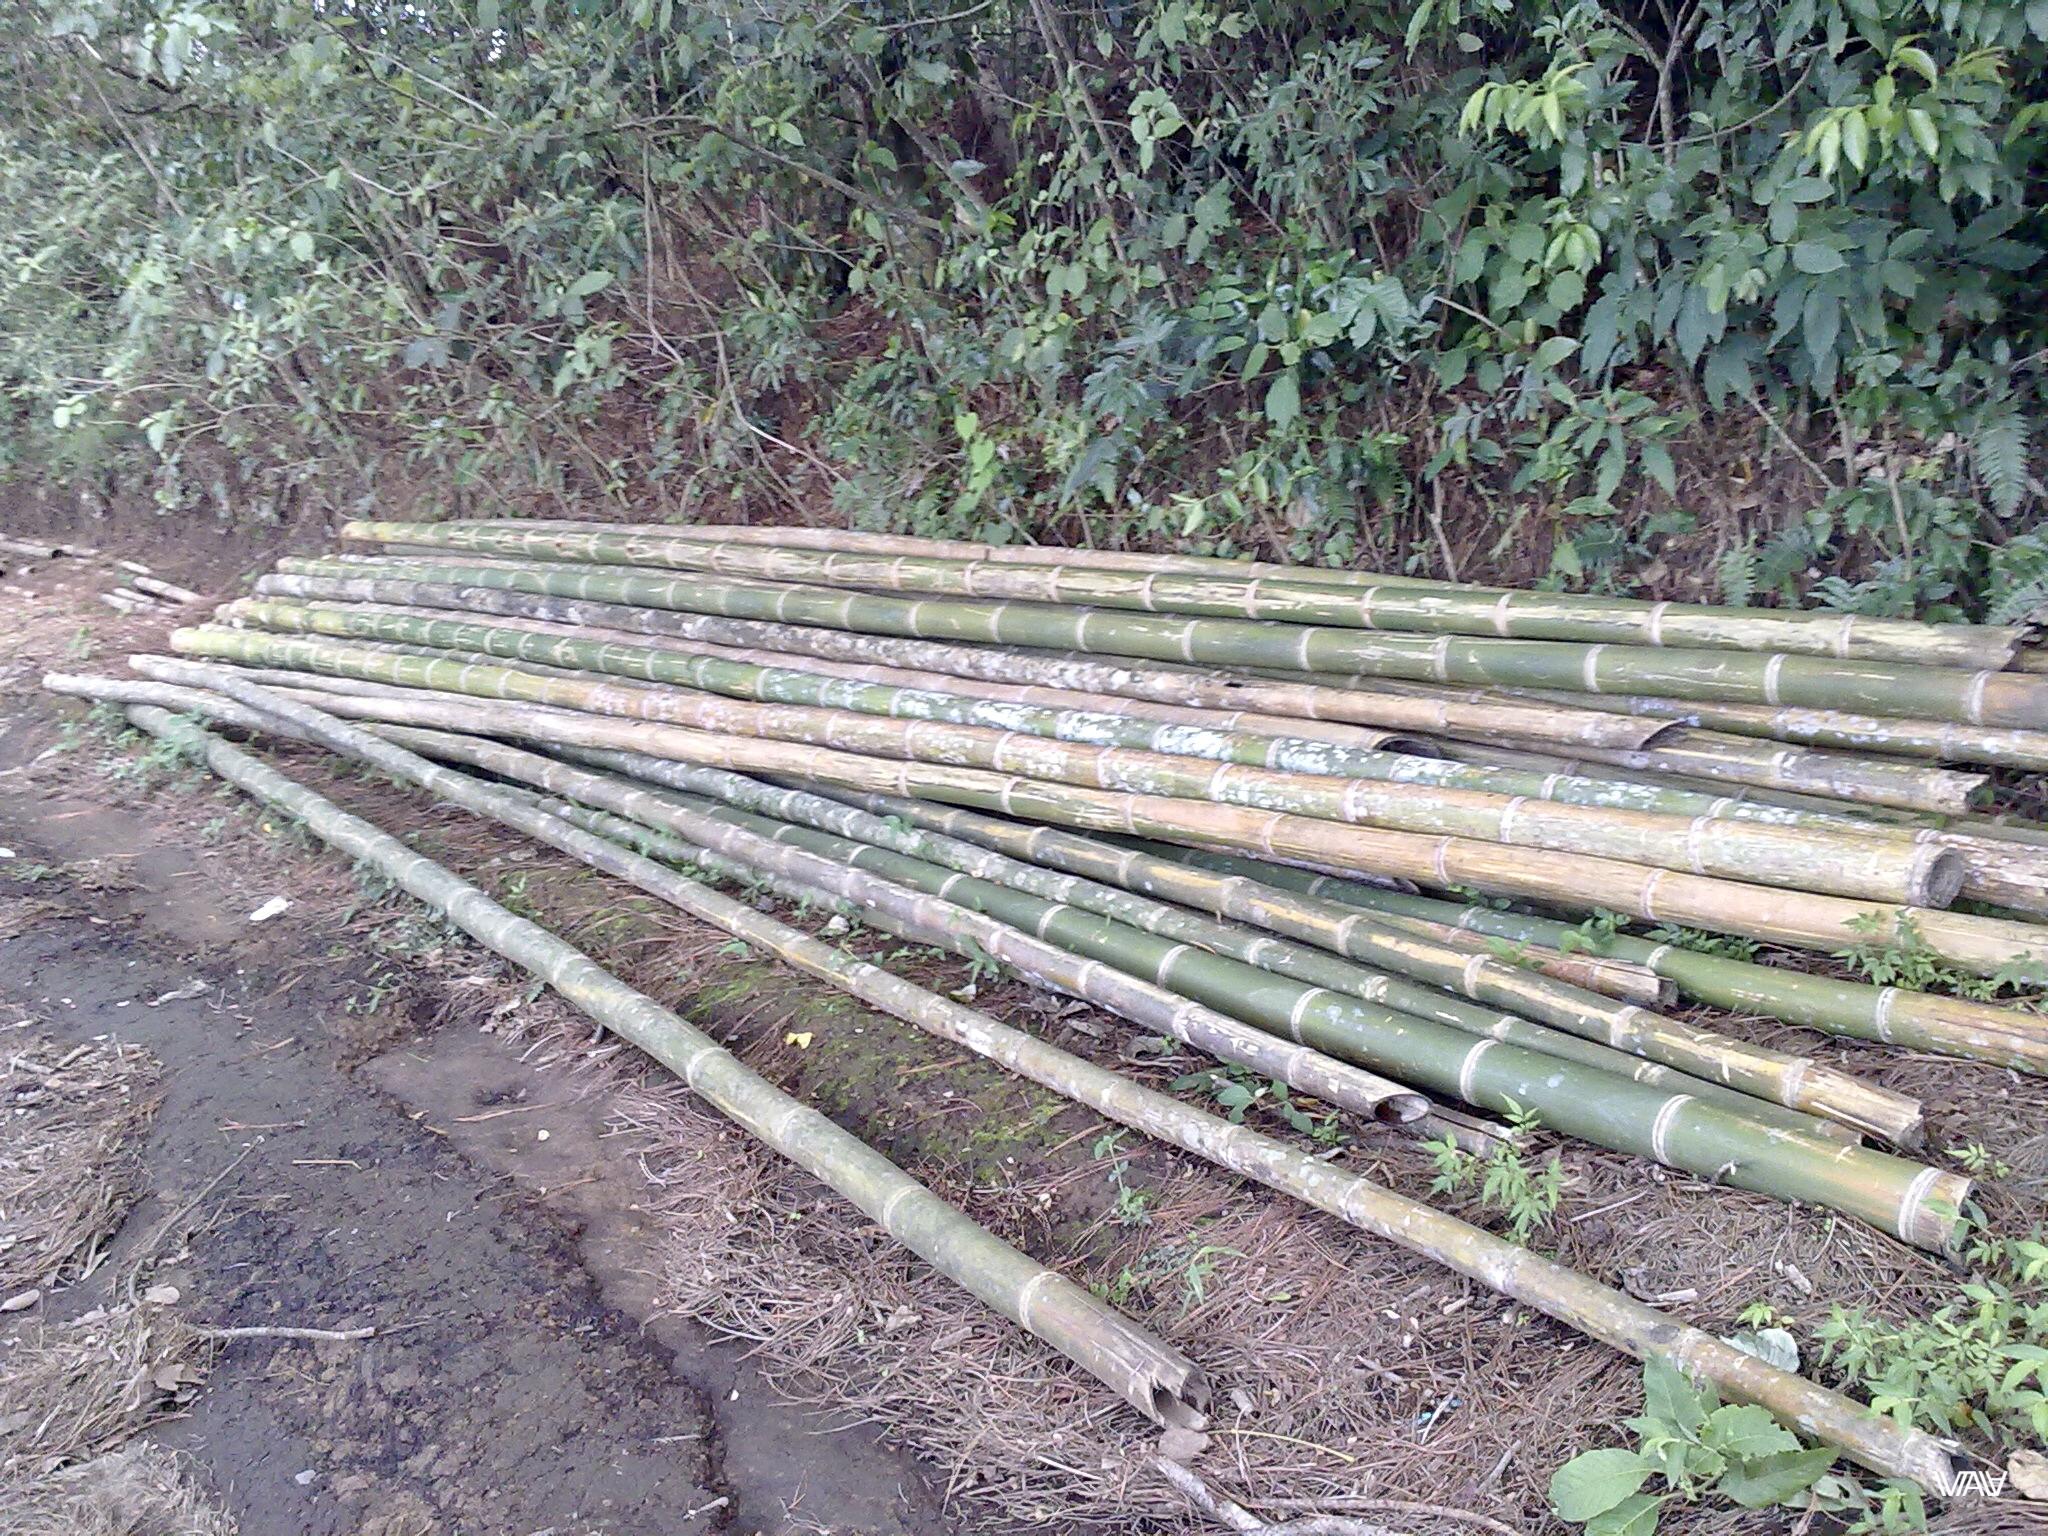 У нас обычно валяются доски. Здесь же бамбуки :D Бахо Бокете, Панама